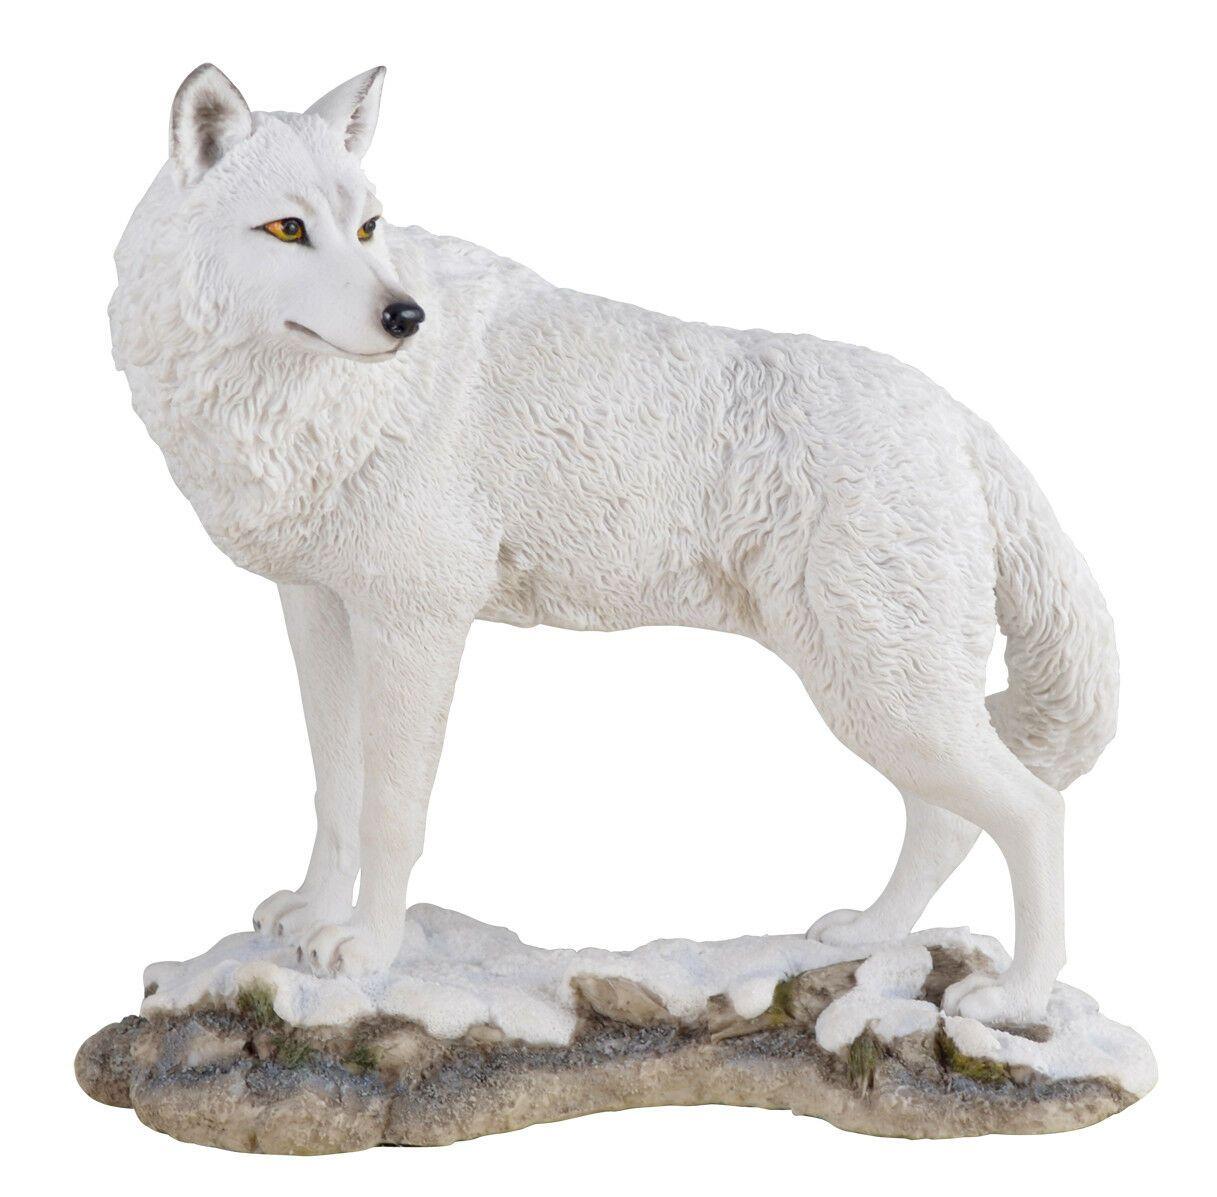 Polarwolf Im Schnee Figur Deko Dekoration Wolf Tierfigur Skulptur In 2020 Skulpturen Tierfiguren Polarwolf